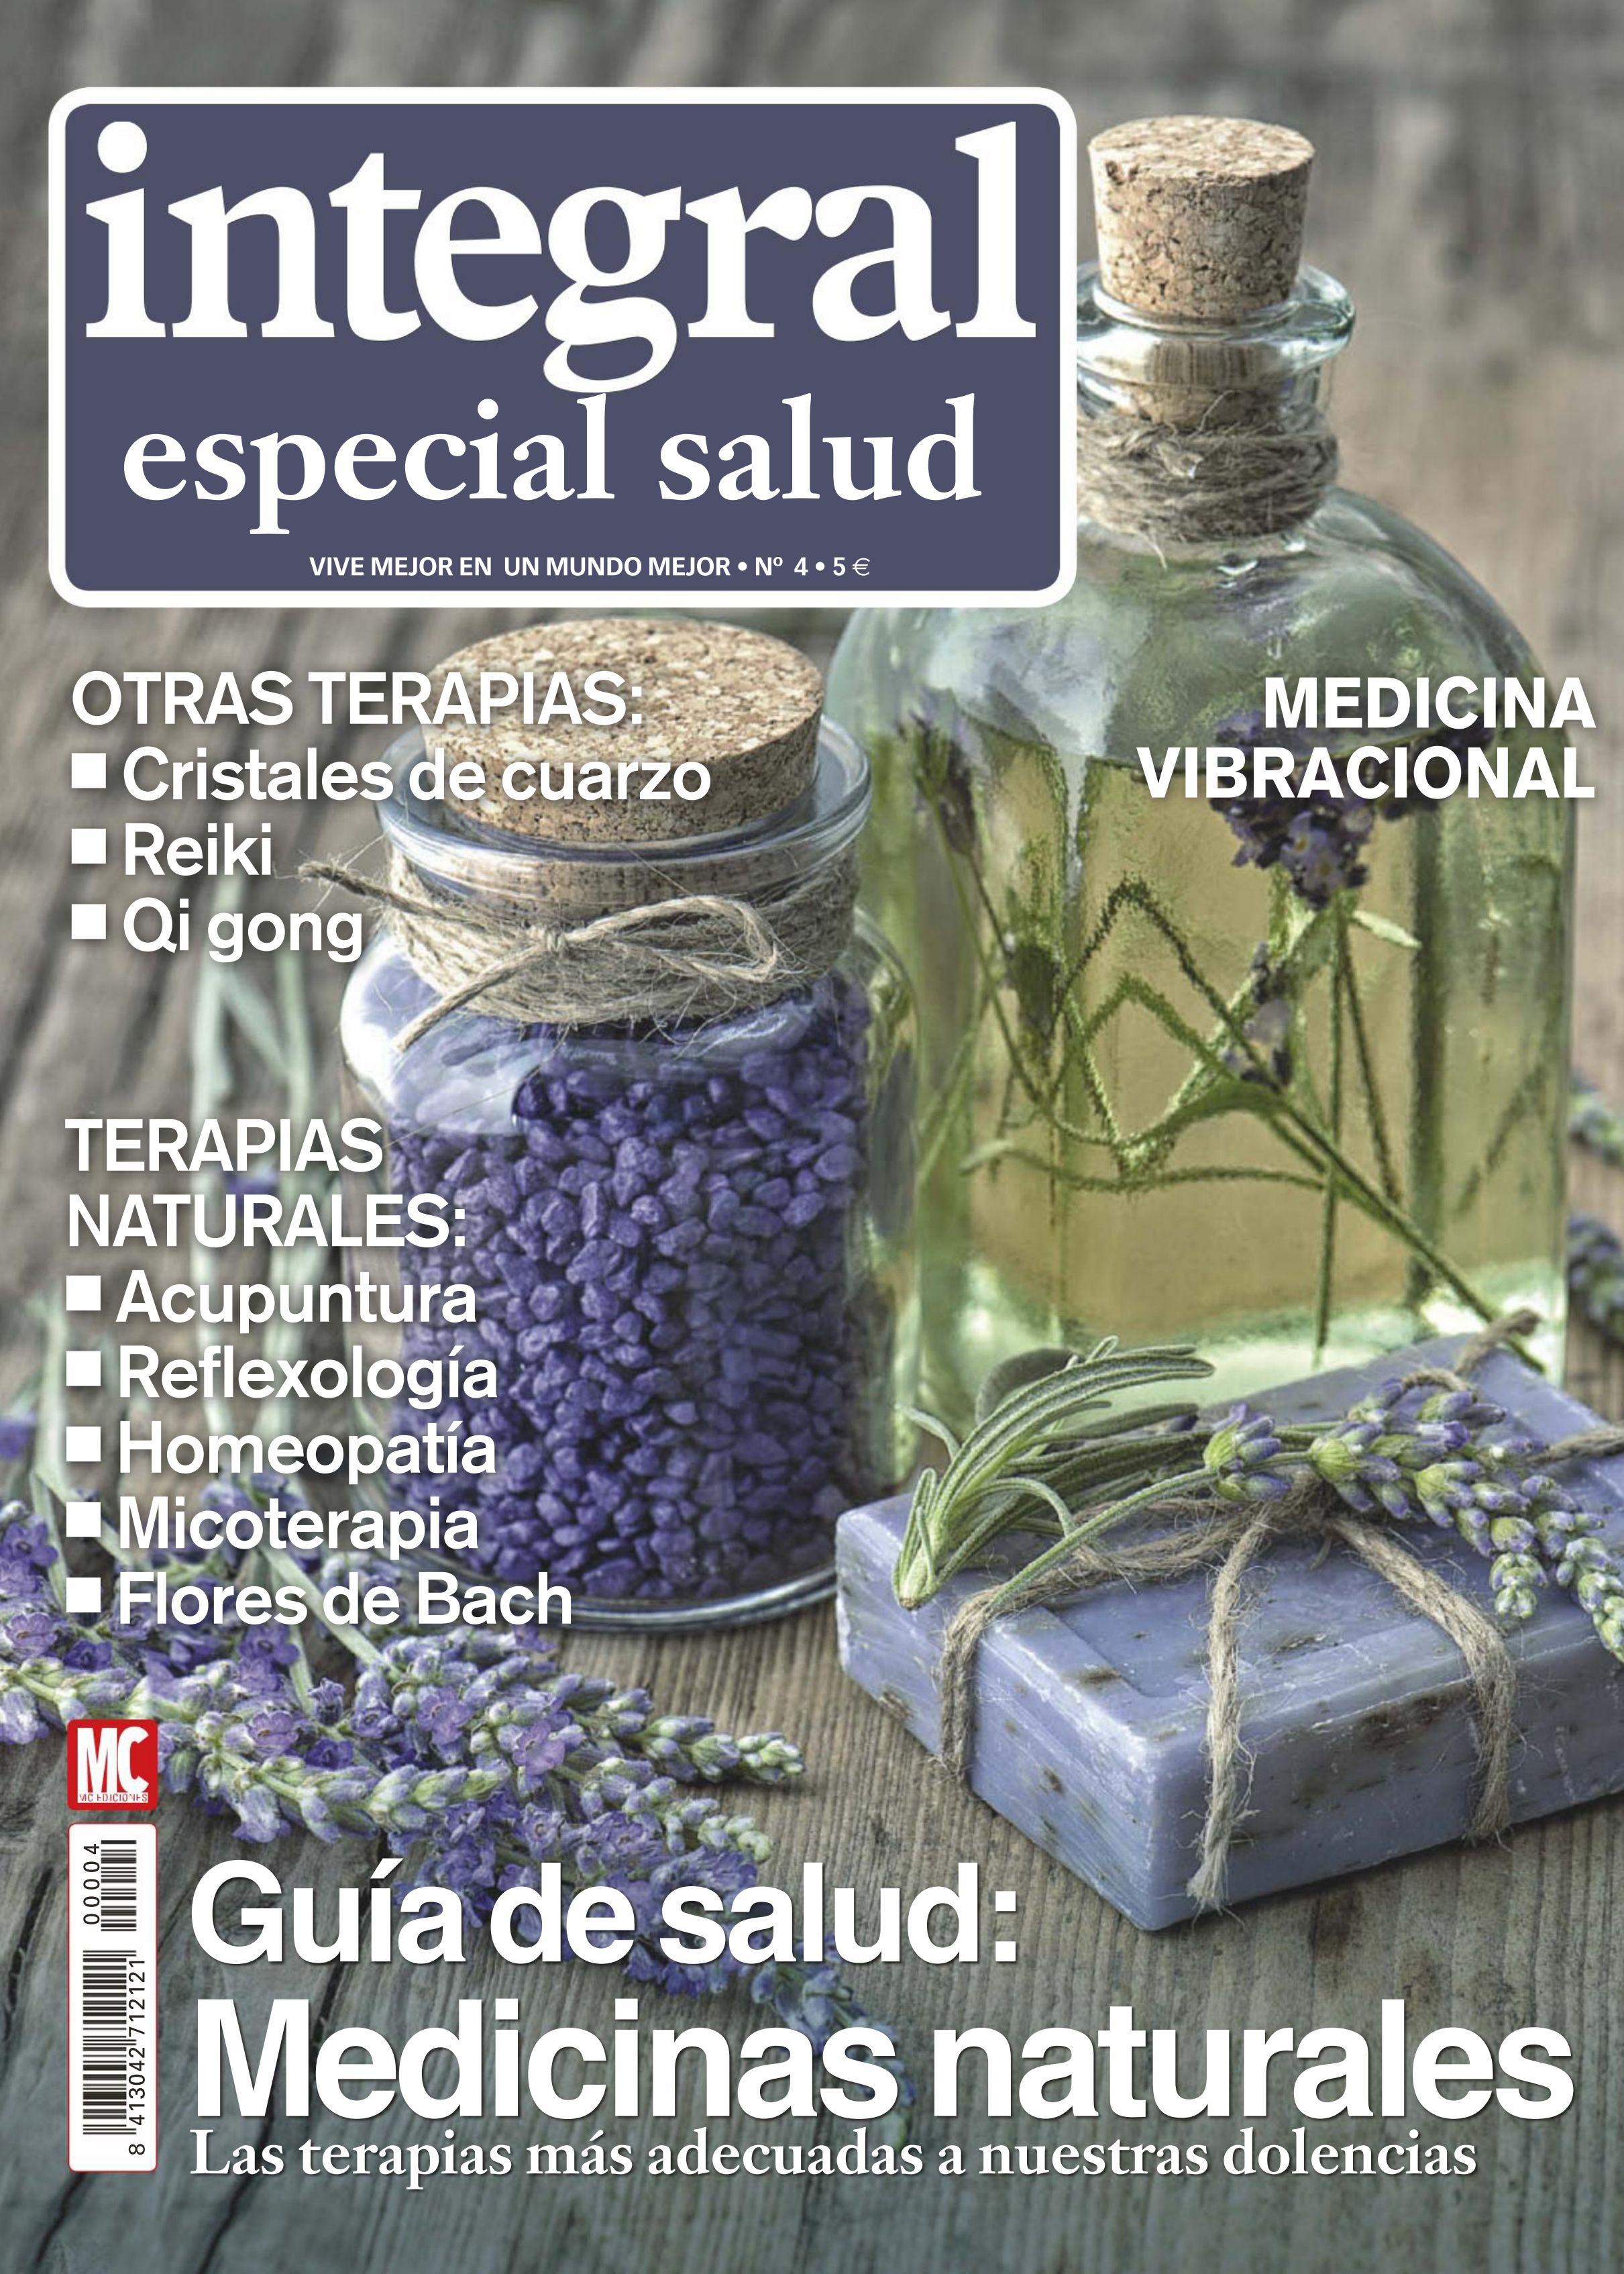 Revista #INTEGRAL Especial #Salud 4. Guía de salud: #medicinasnaturales. Las #terapias más adecuadas a nuestras dolencias.